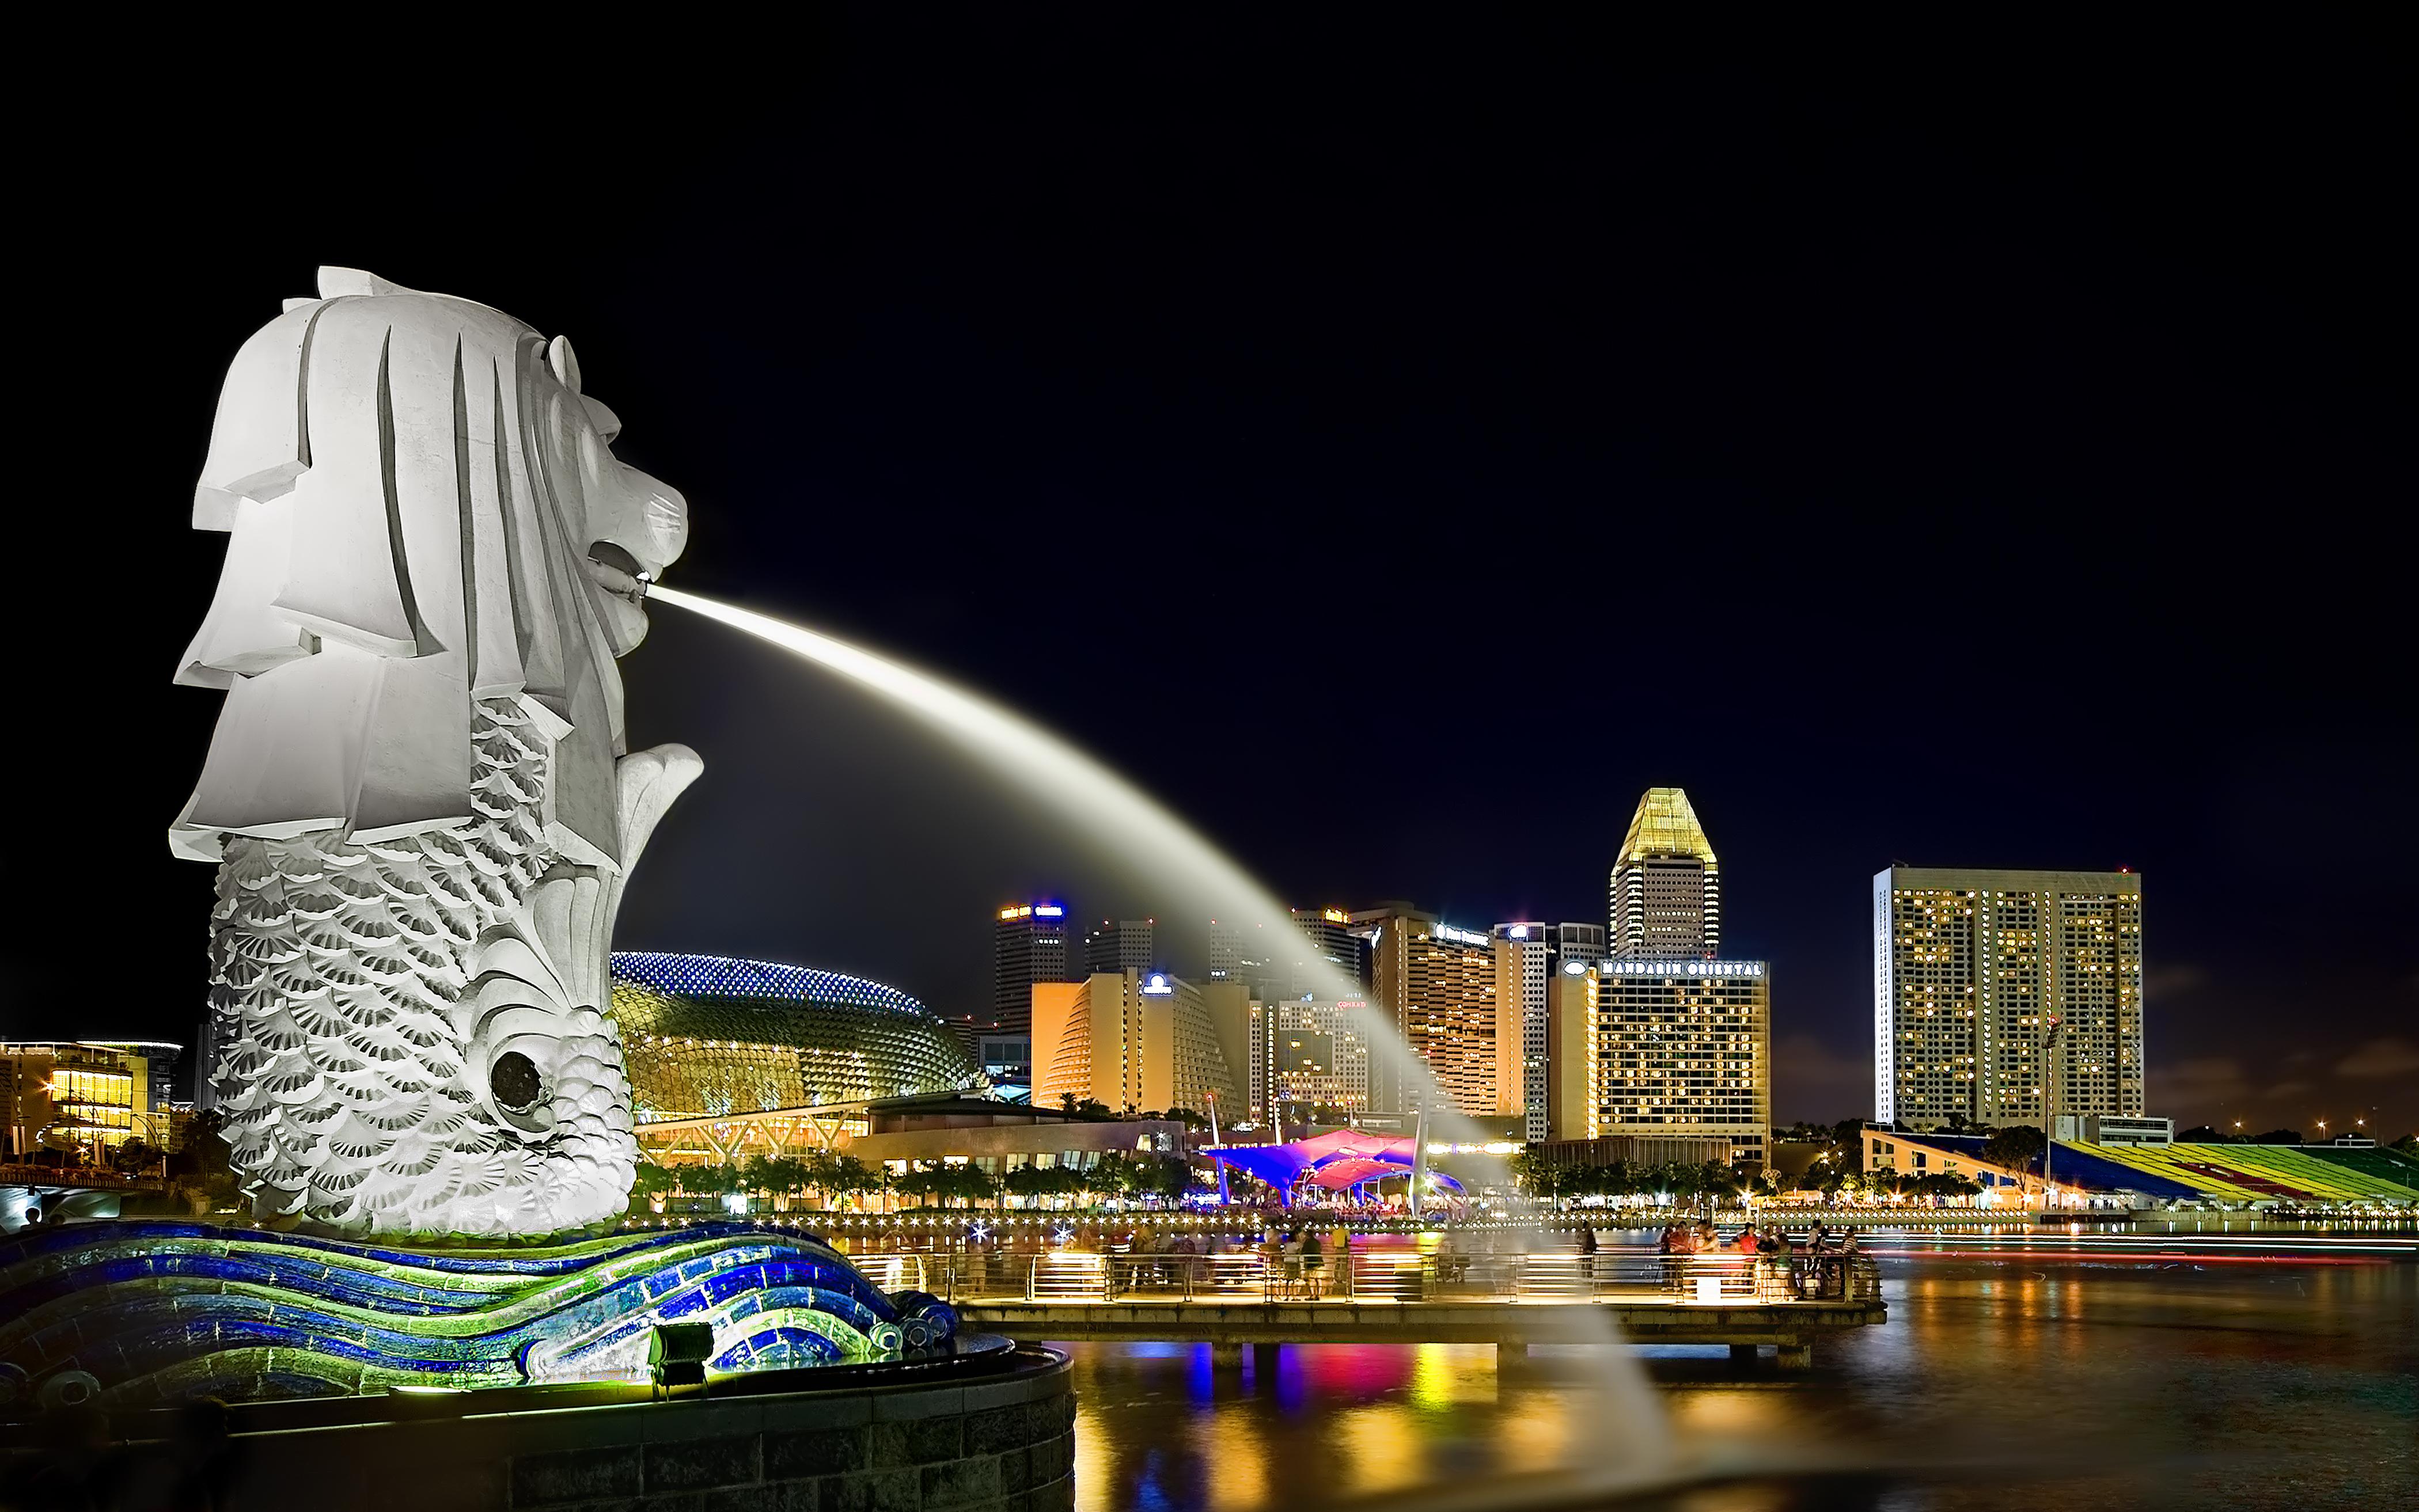 सिंगापूरसाठी तिसऱ्या क्रमांकाचे सर्वात मोठे व्हिजिटर सोर्स मार्केट हे भारताचे स्थान कायम